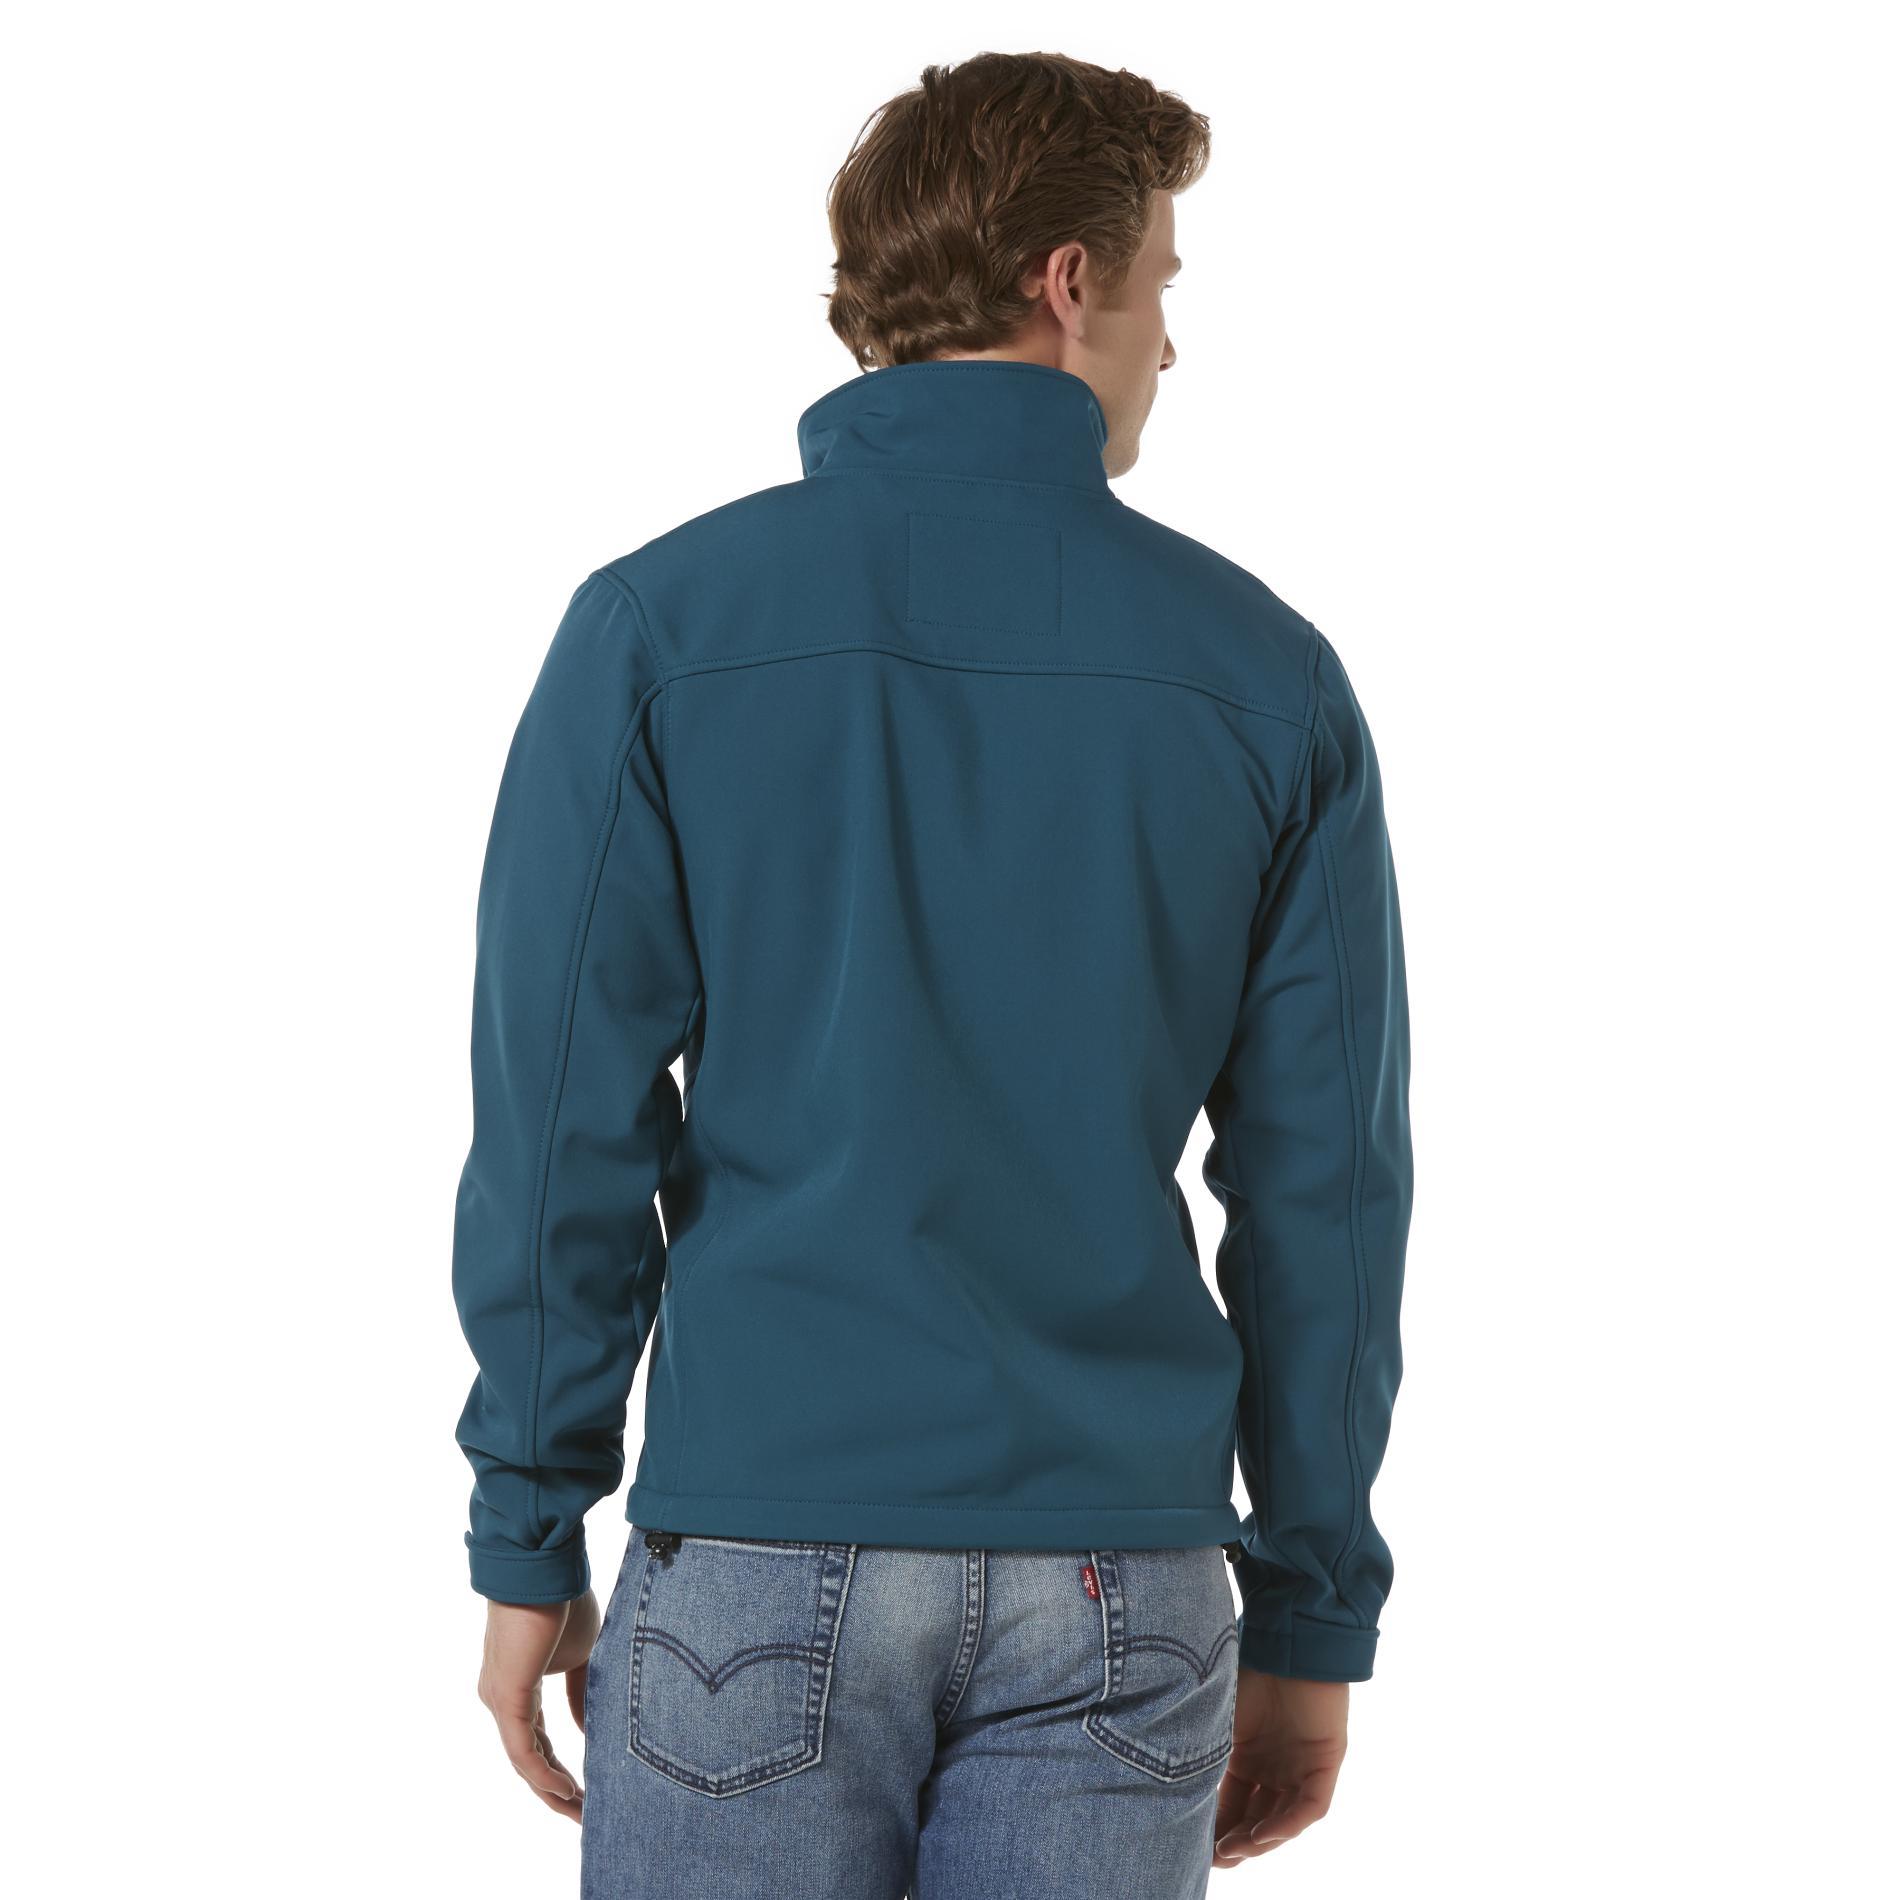 NordicTrack Men's Fleece-Lined Performance Jacket